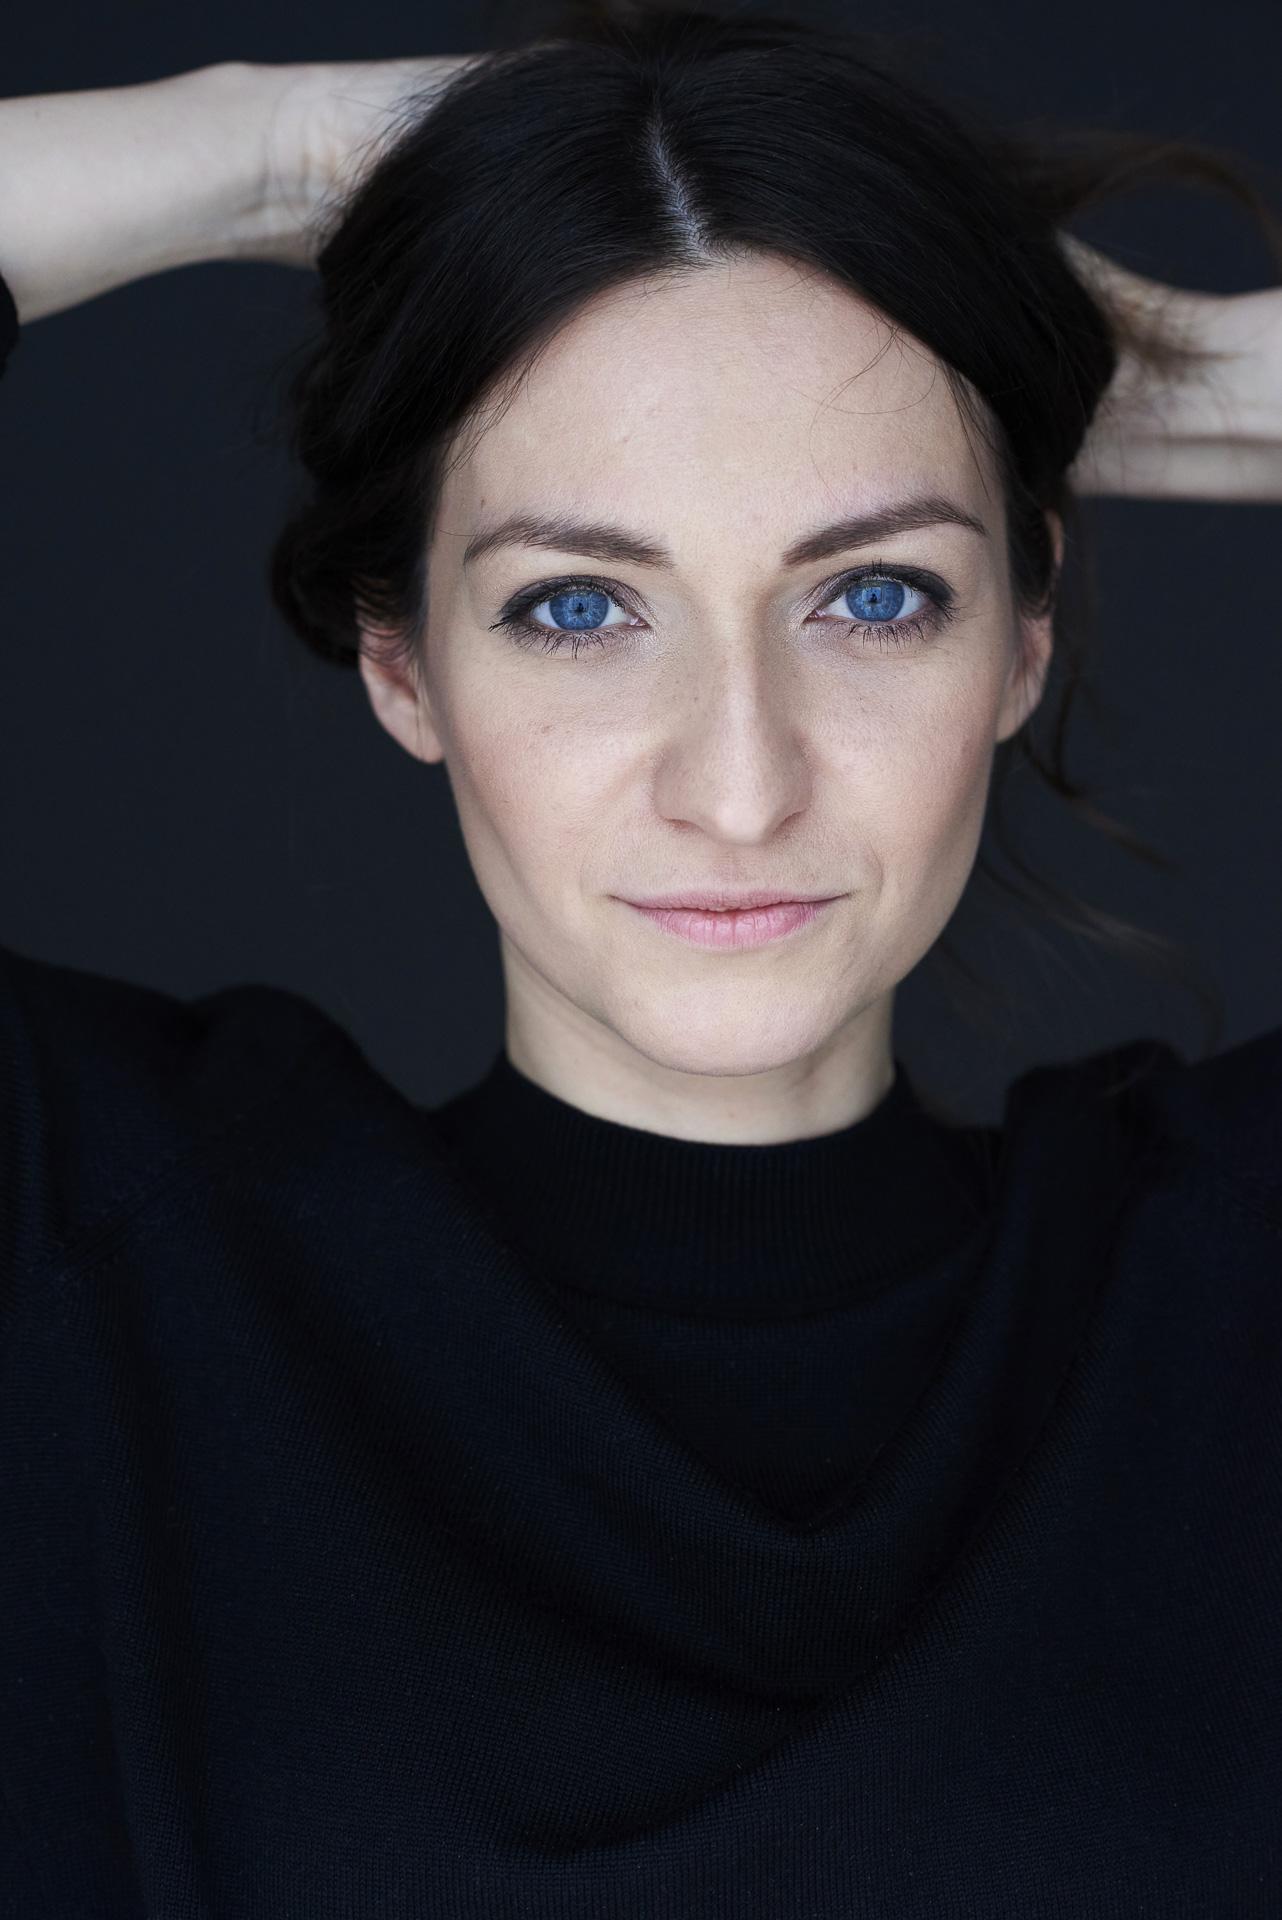 Selina_Meier_Portrait_005.jpg